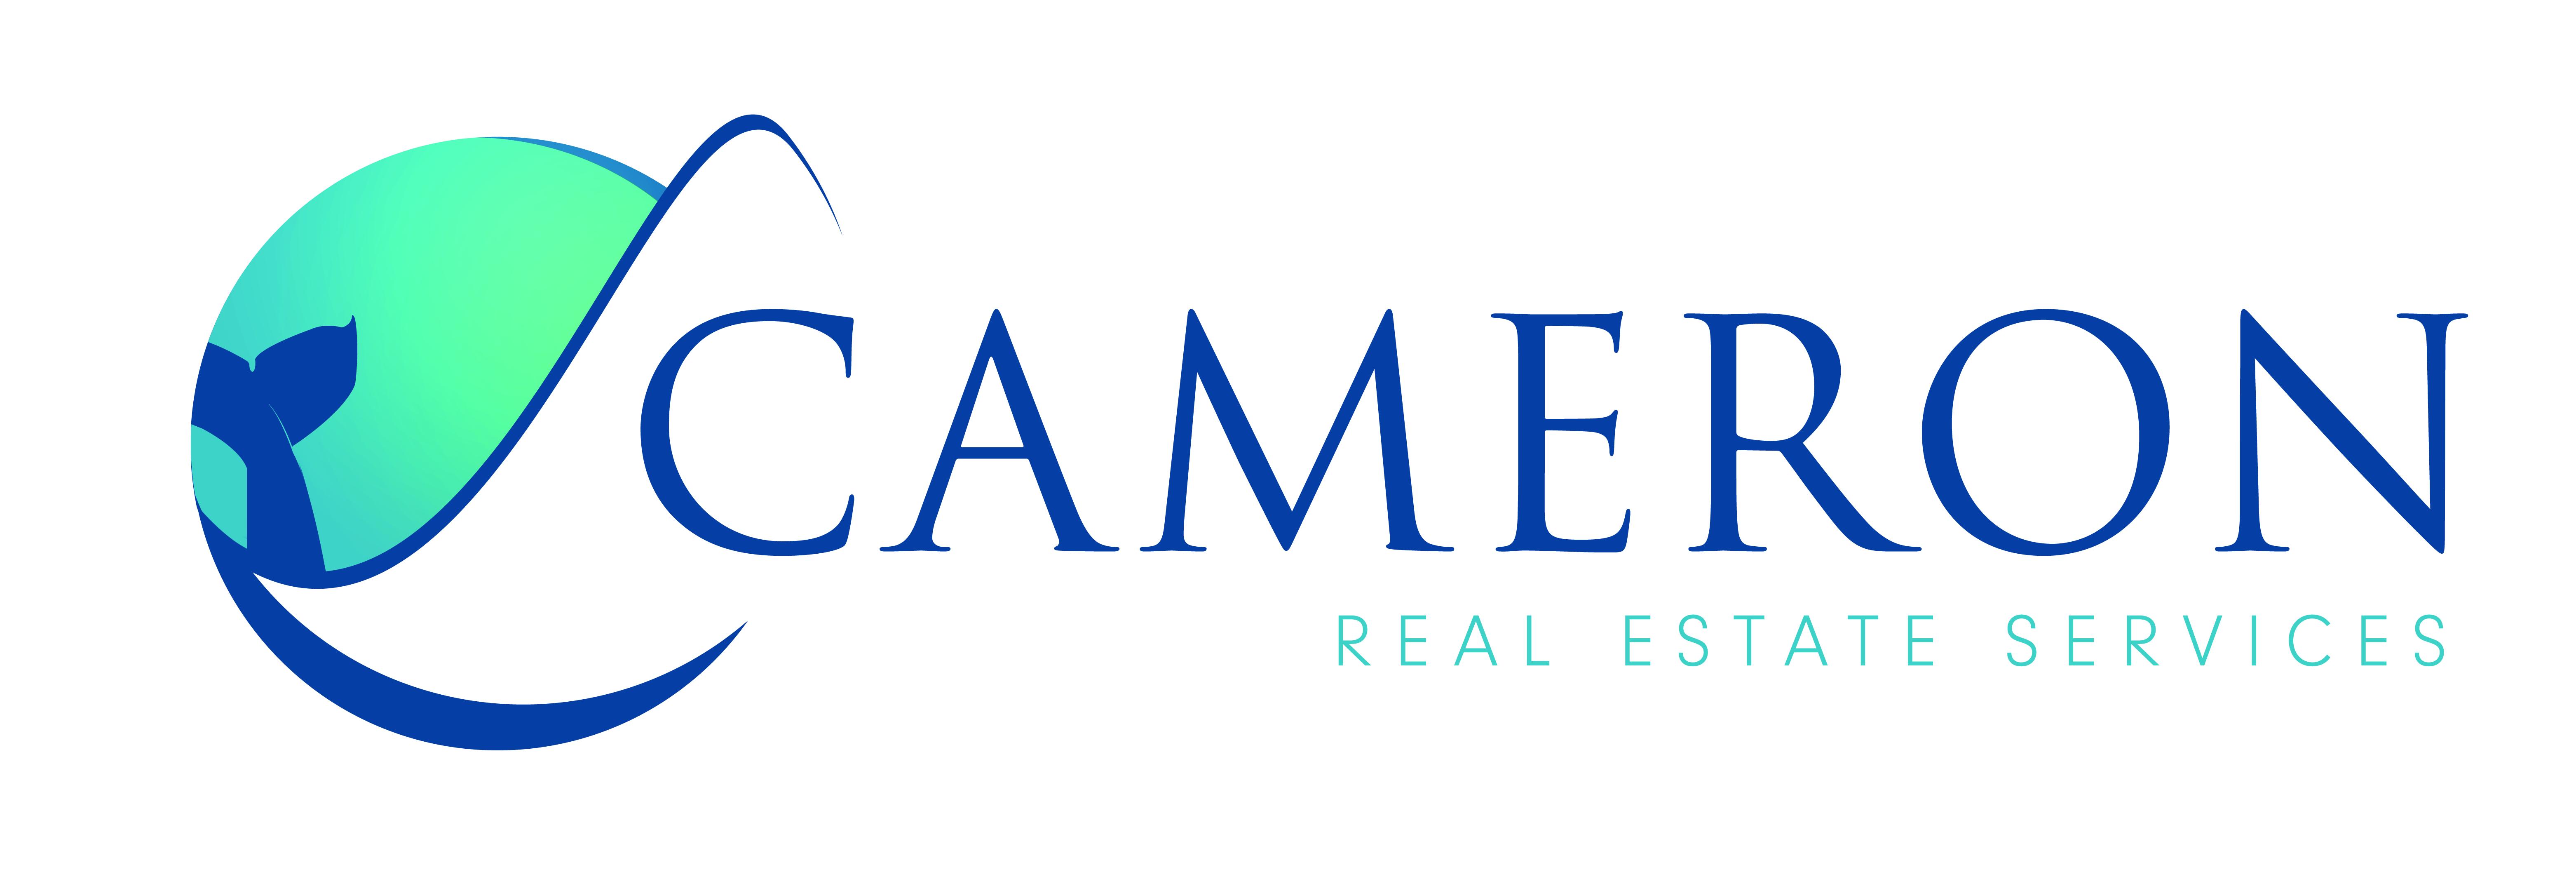 Cameron Real Estate Services (CRES) logo